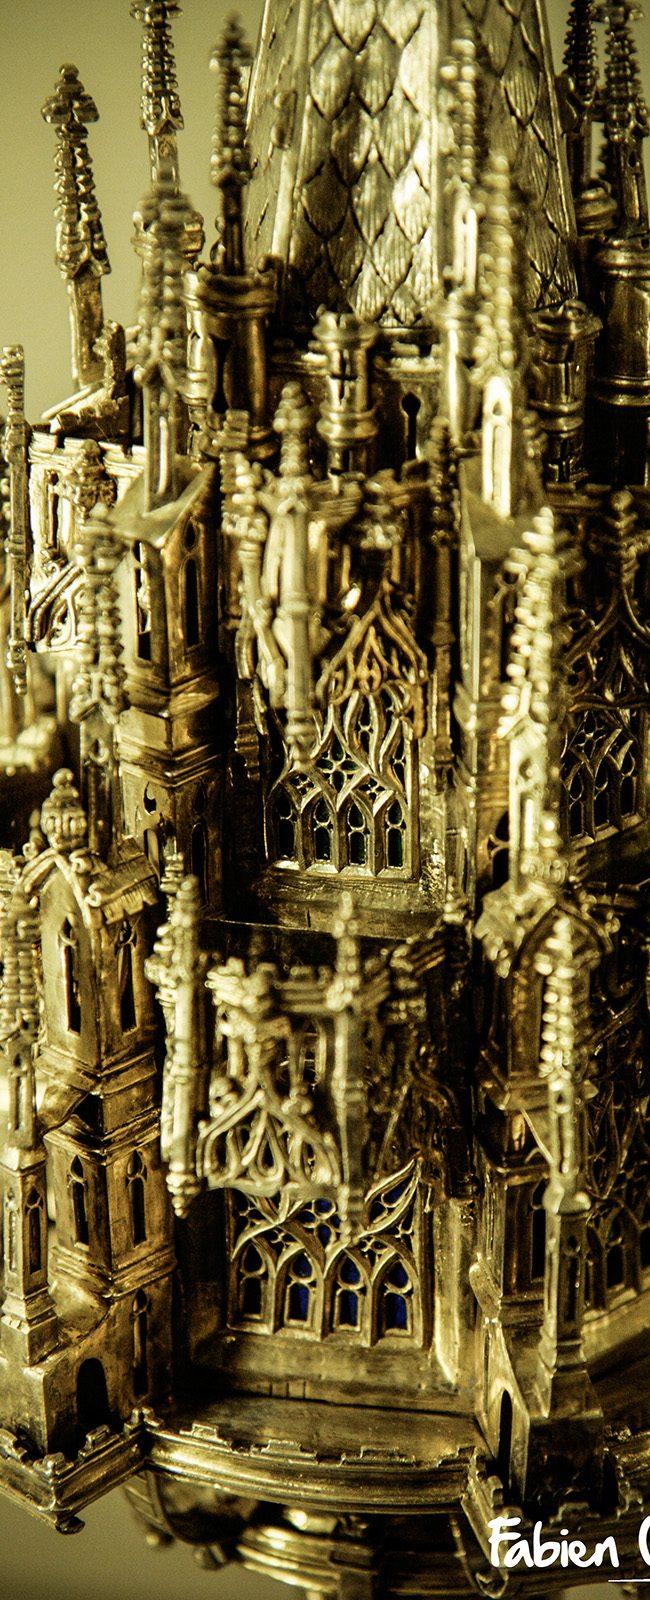 Réplique Miniature